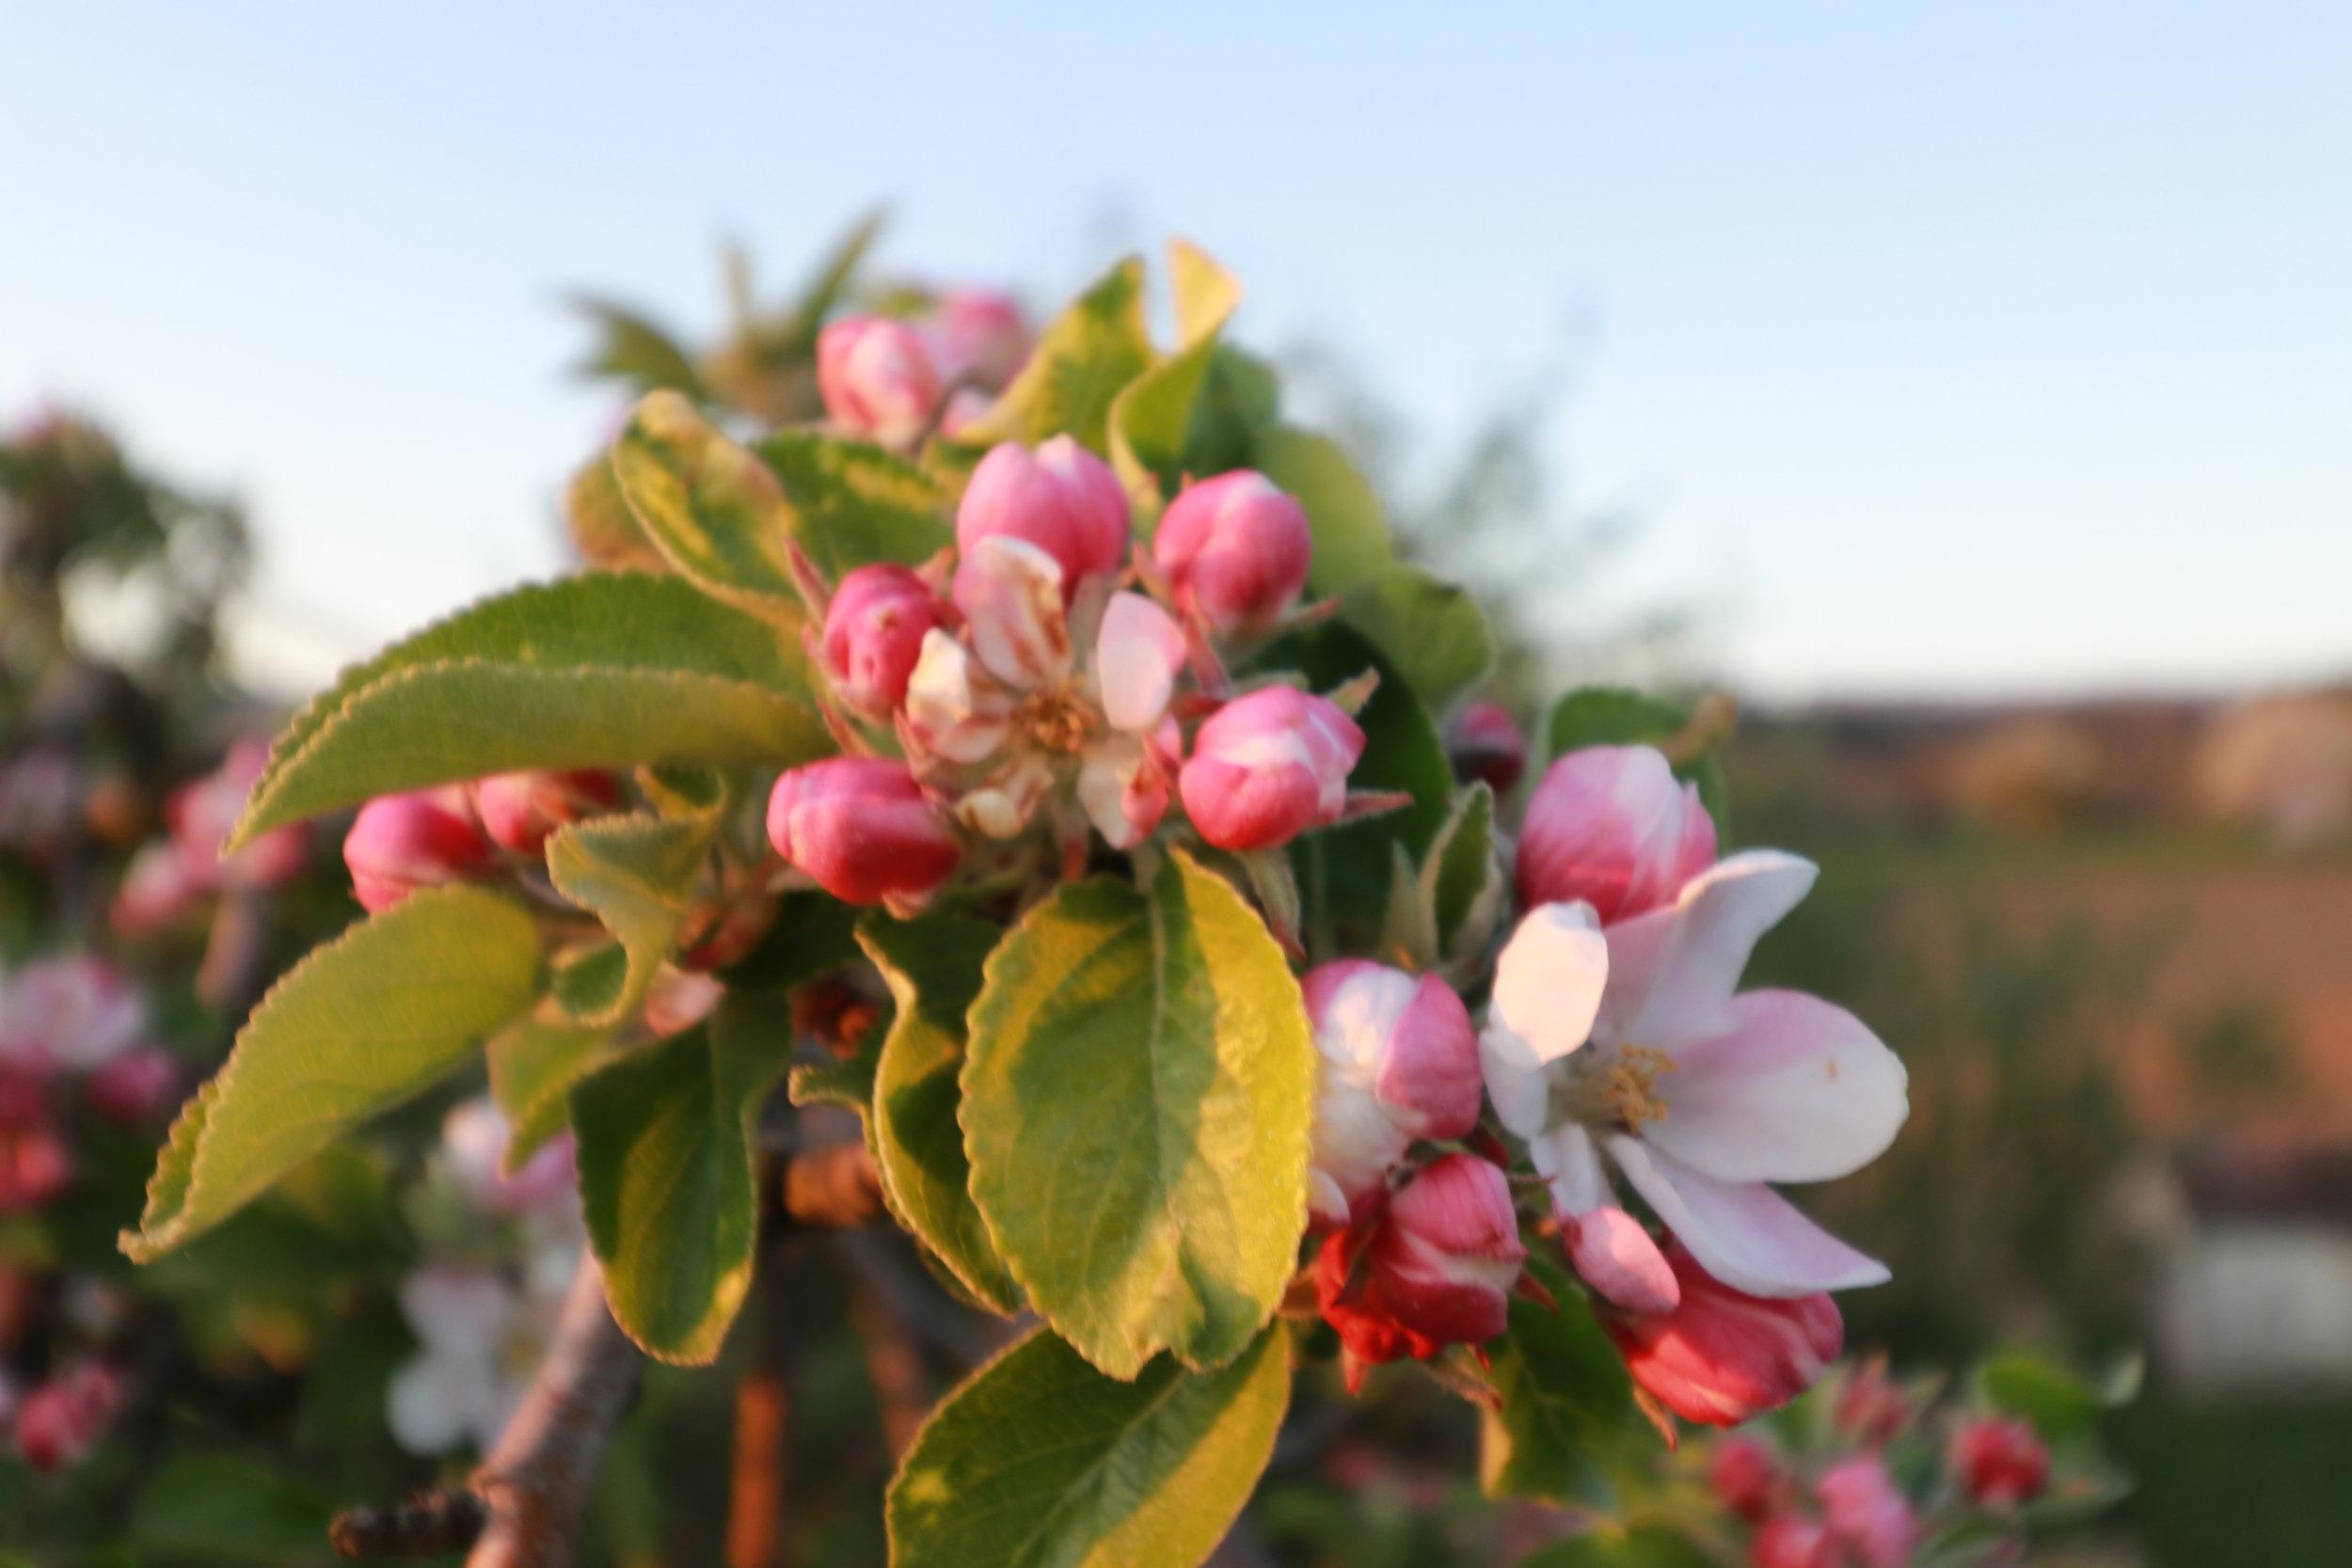 Apfelblüten, wie diese,werden am Ende dieses Gartens im Obstgarten zu sehen sein.